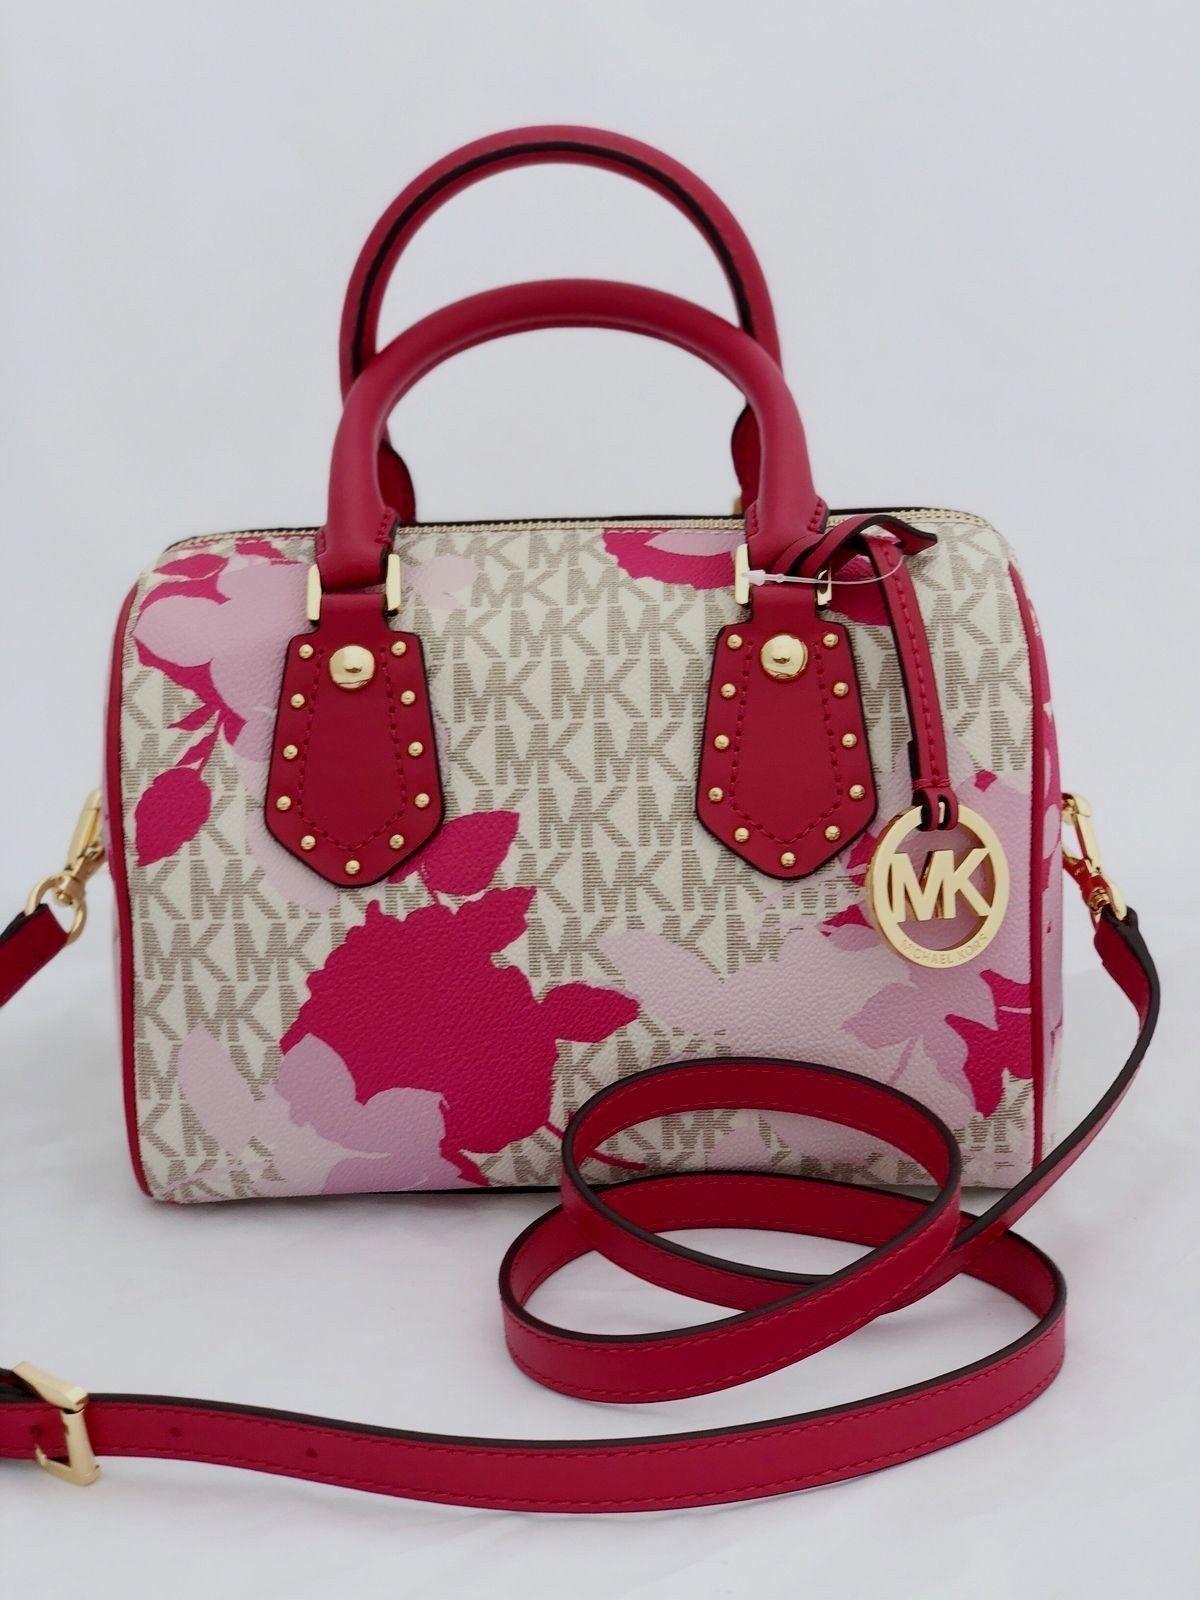 57. 57. new MICHAEL KORS pink logo ARIA SMALL SATCHEL handbag purse  crossbody bag 92381f8a049d5